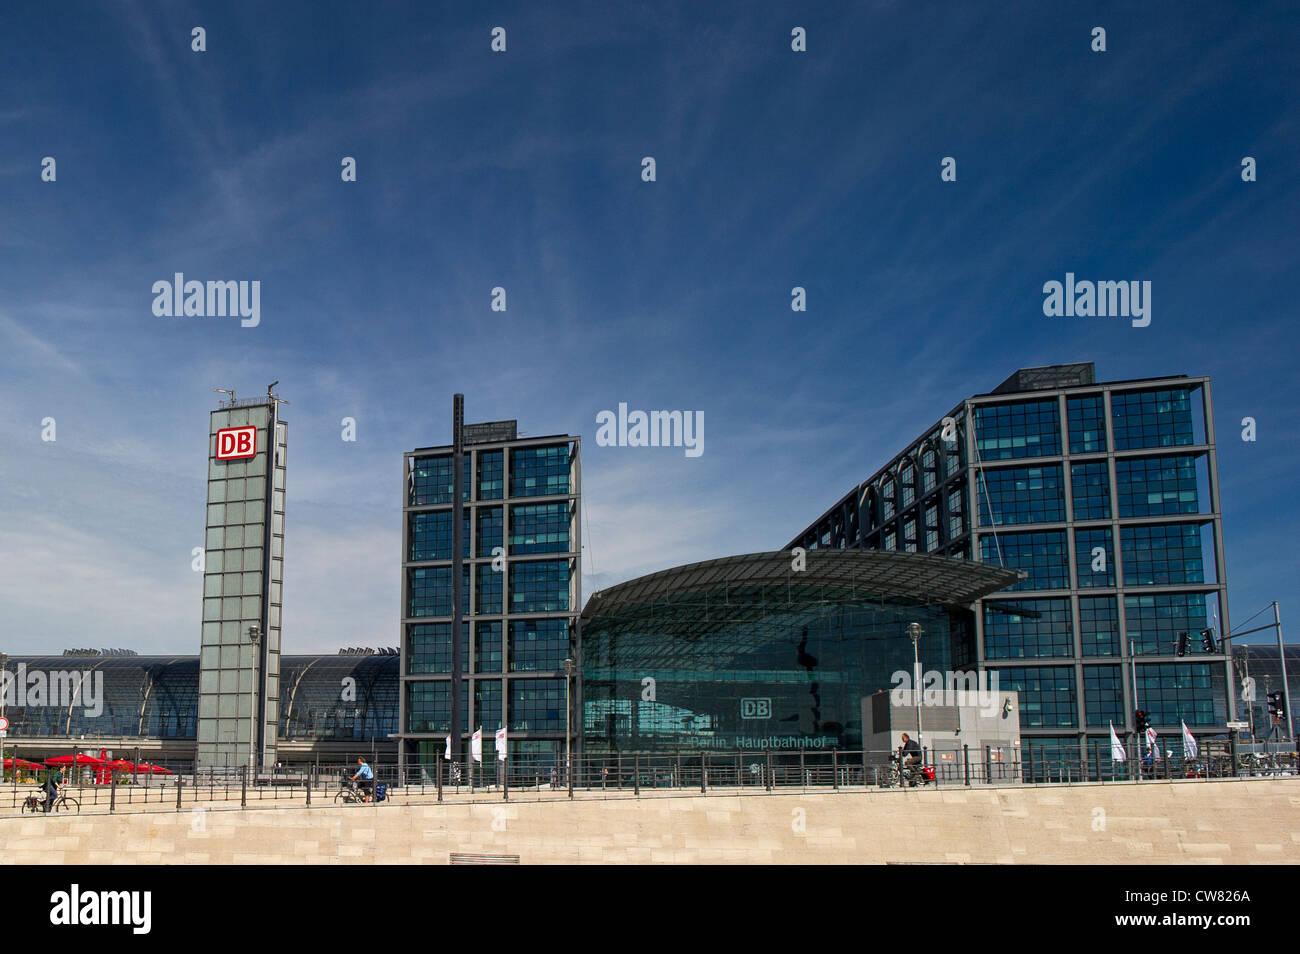 Der Berliner Hauptbahnhof Stockfoto